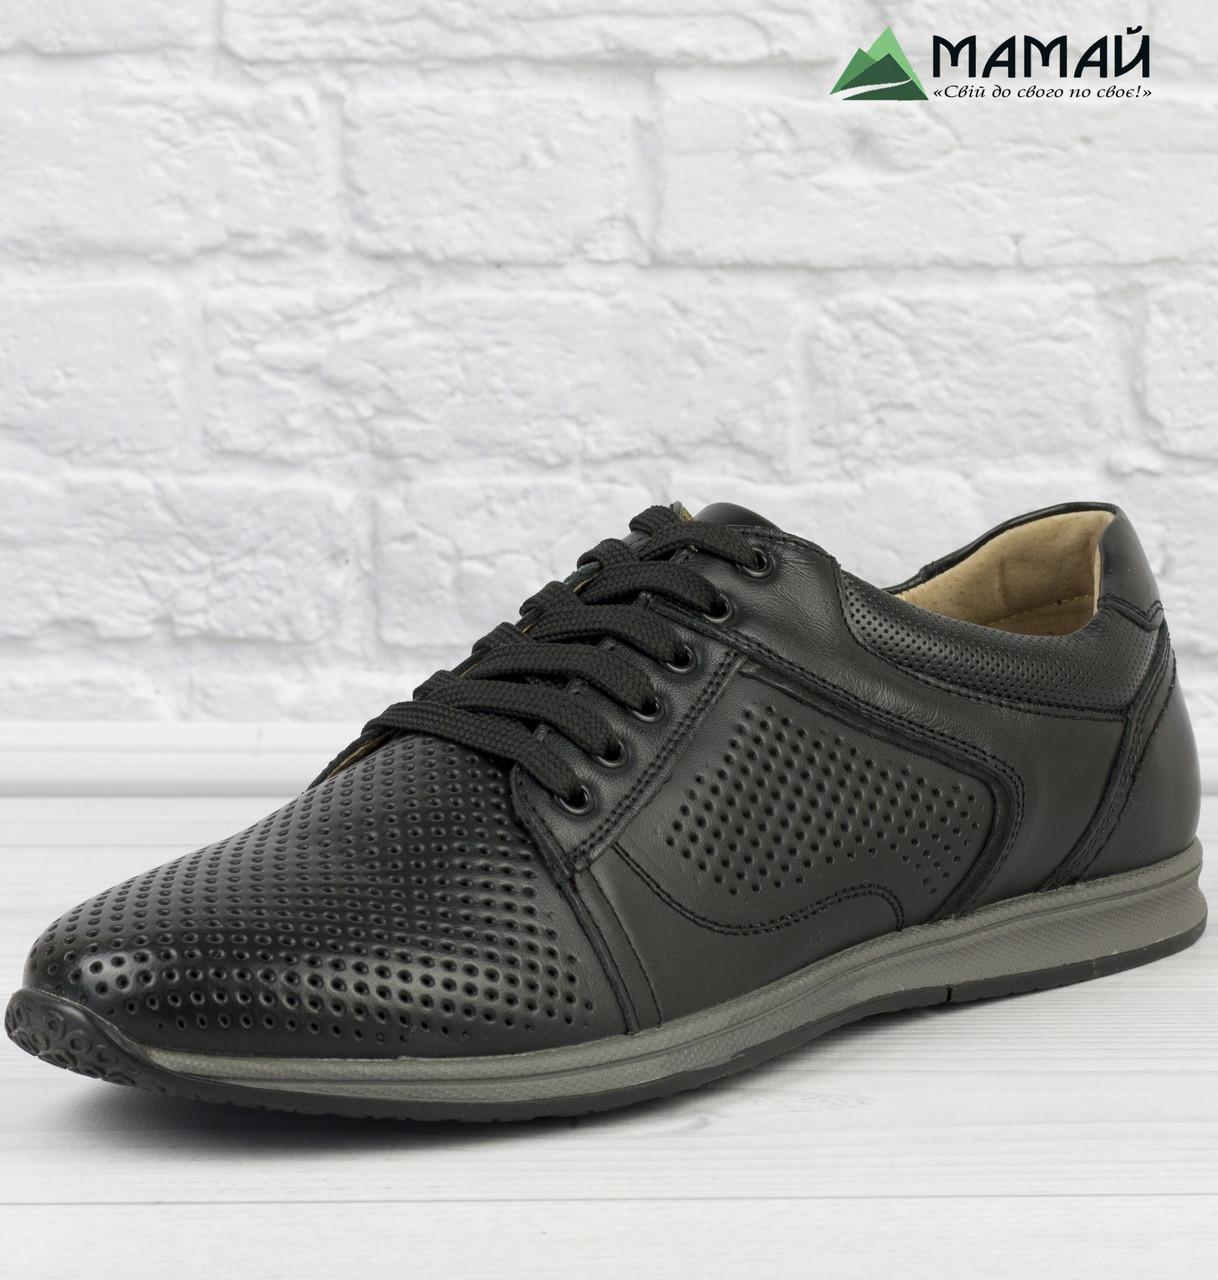 faac044cb01792 Шкіряні чоловічі туфлі на літо - Інтернет-магазин дешевого взуття в Львове